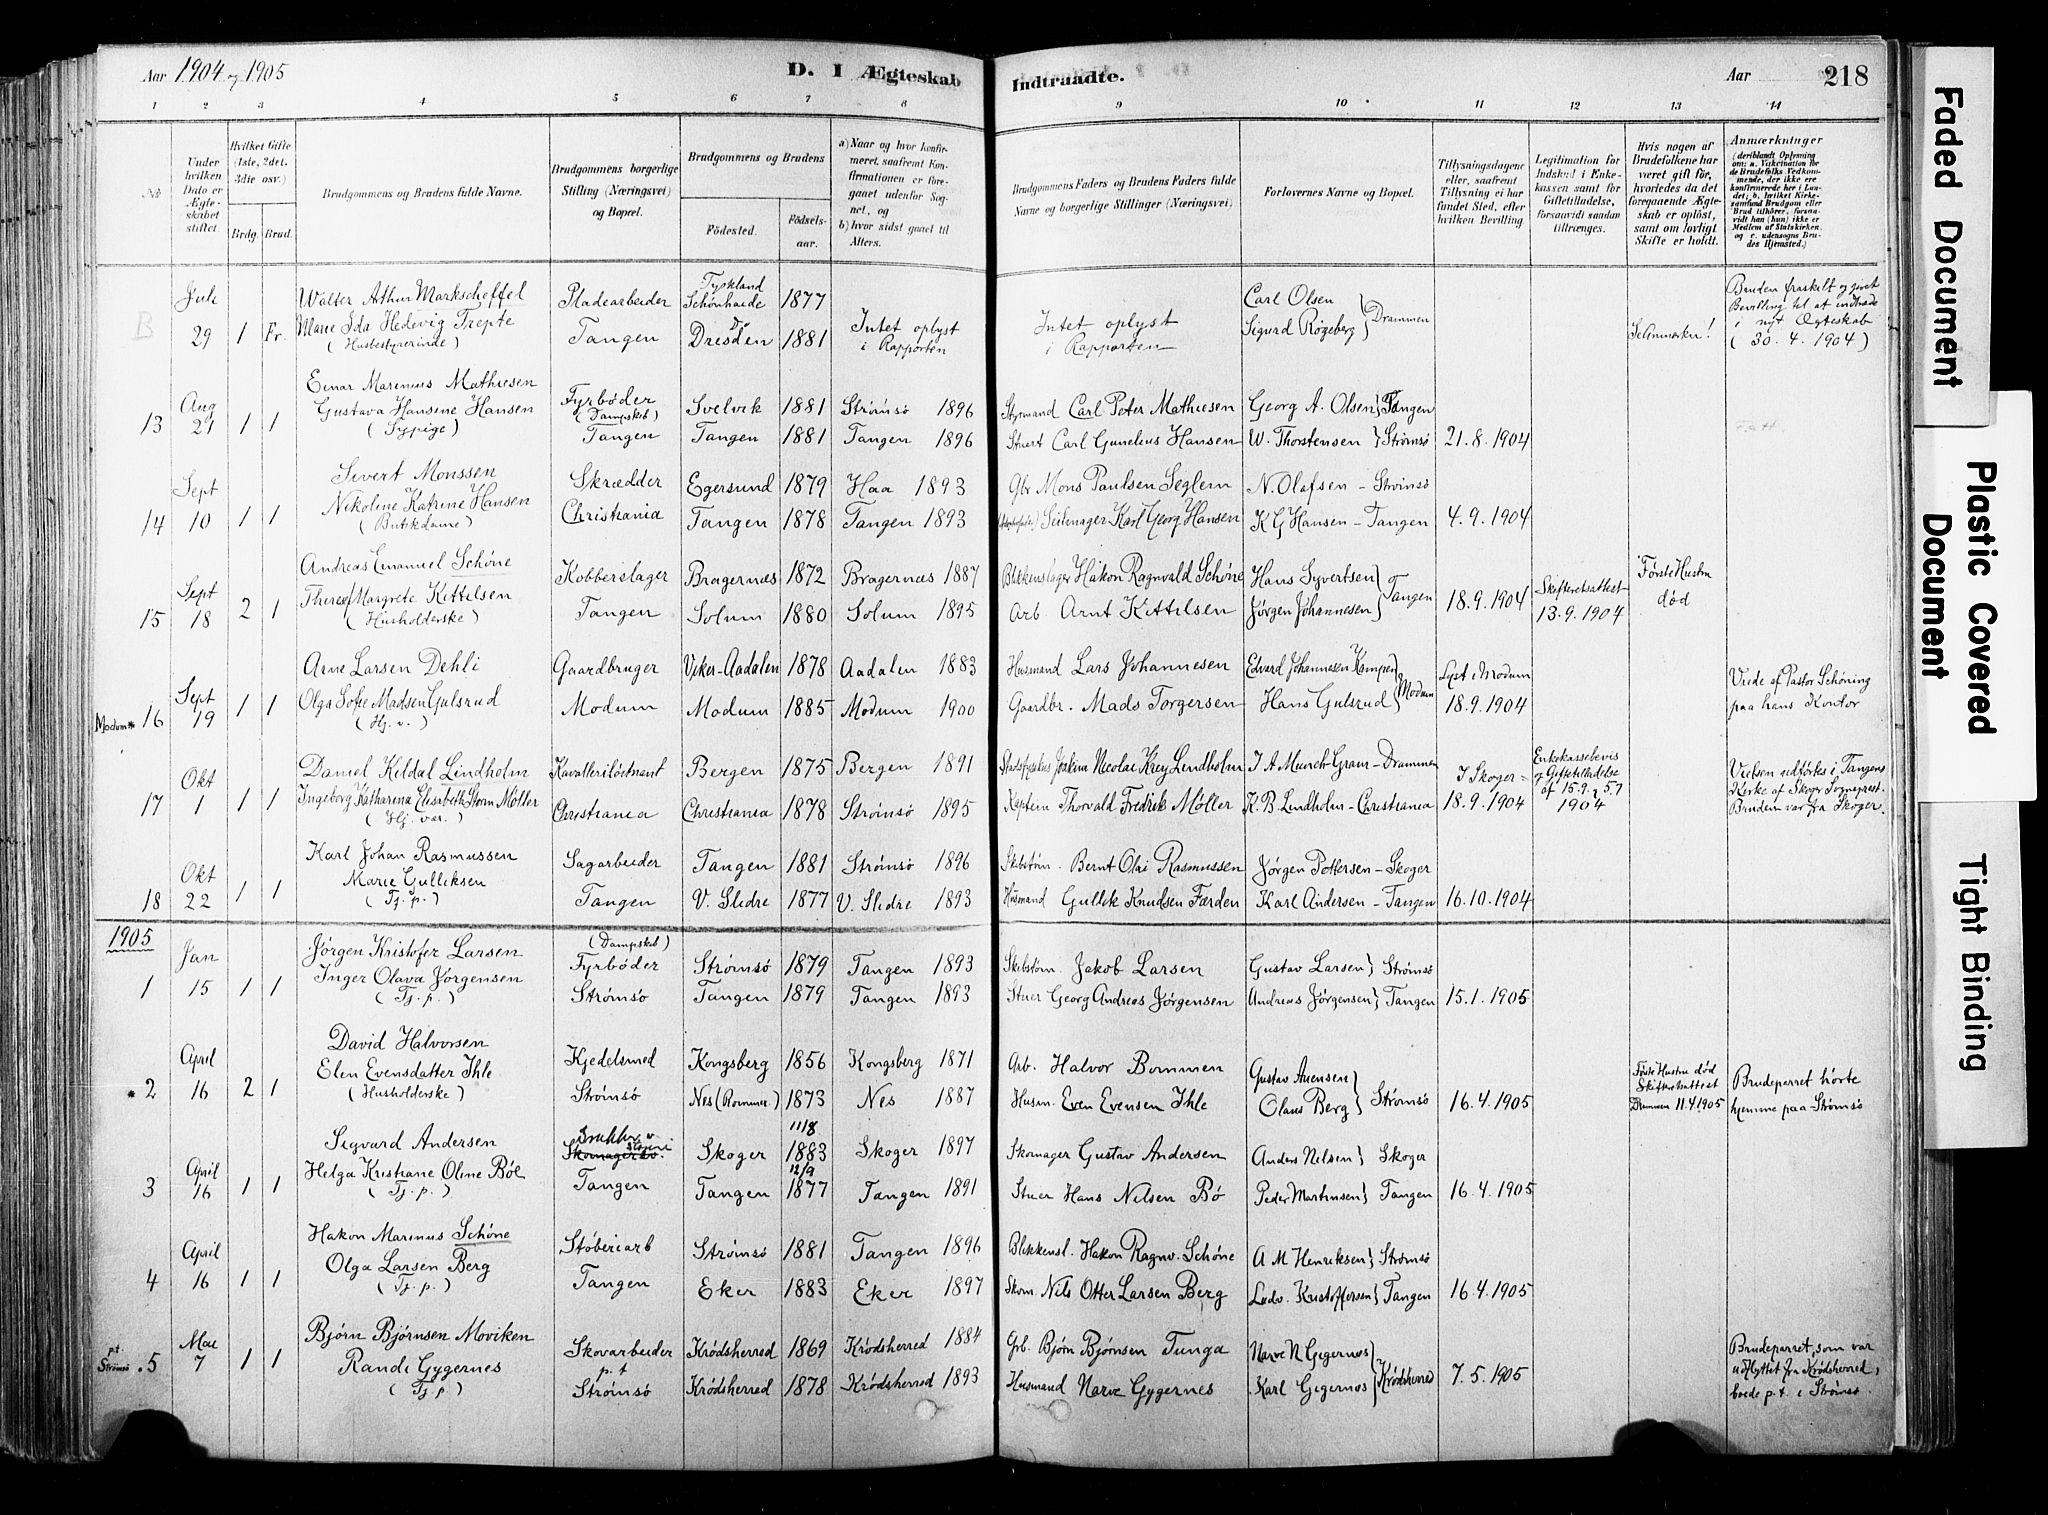 SAKO, Strømsø kirkebøker, F/Fb/L0006: Ministerialbok nr. II 6, 1879-1910, s. 218